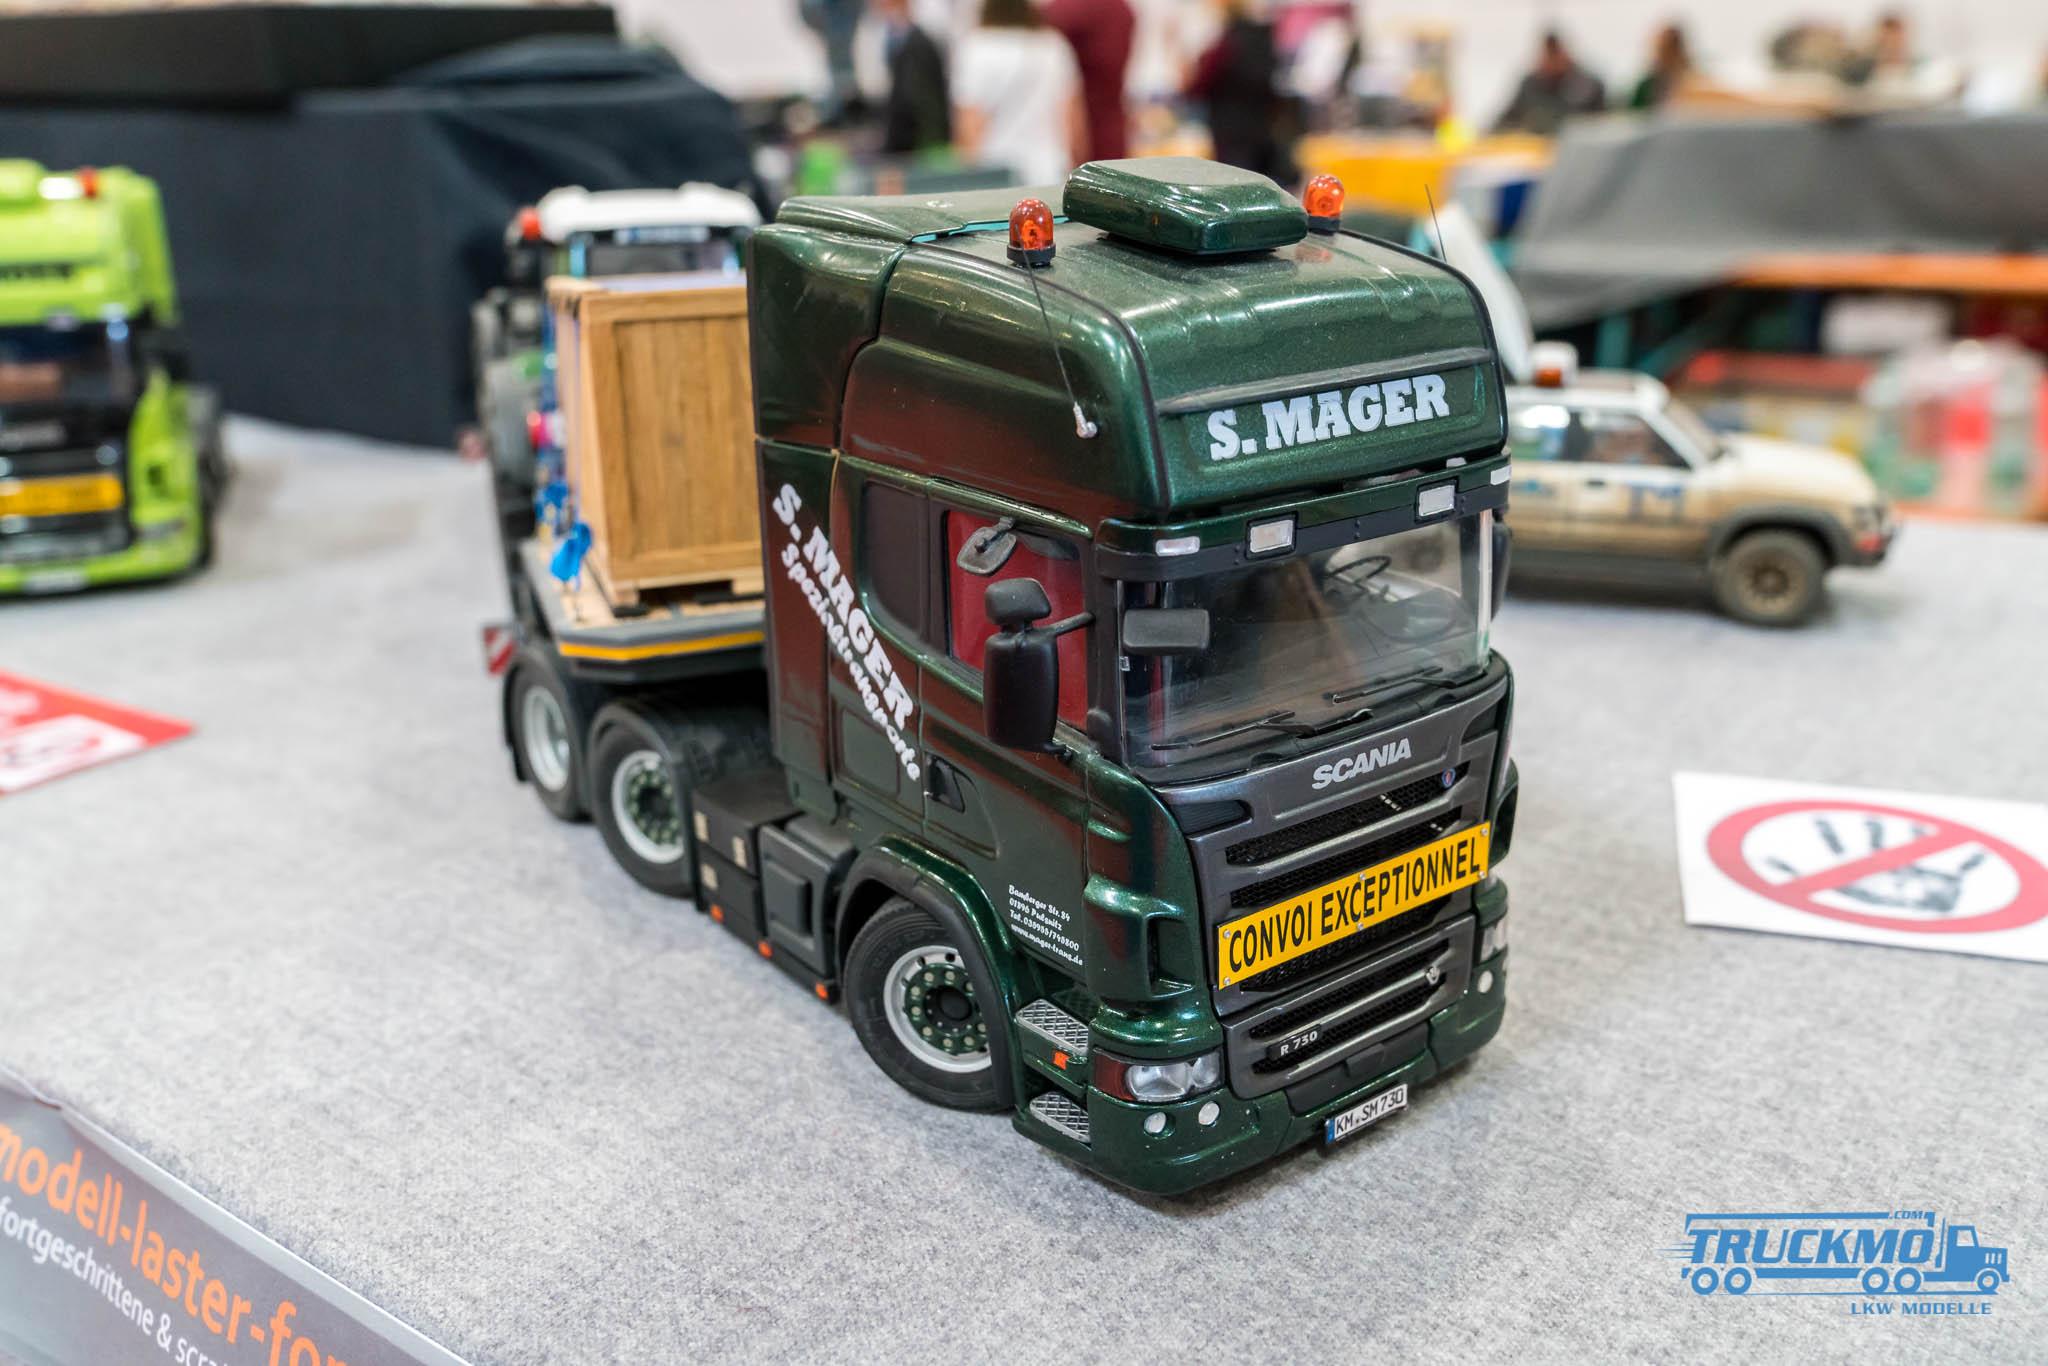 Truckmo_Modellbau_Ried_2017_Herpa_Messe_Modellbauausstellung (408 von 1177)